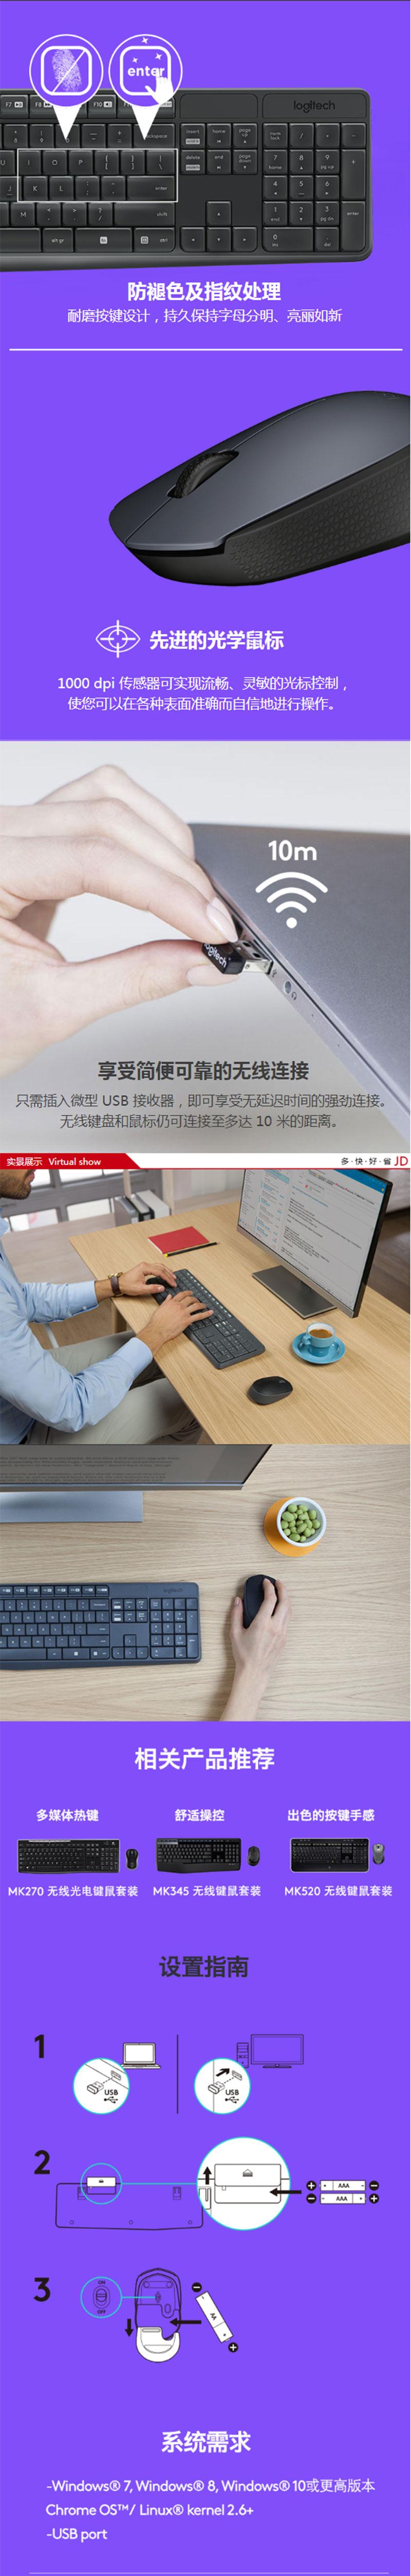 罗技(Logitech)MK235 无线键鼠套装 无线鼠标无线键盘套装